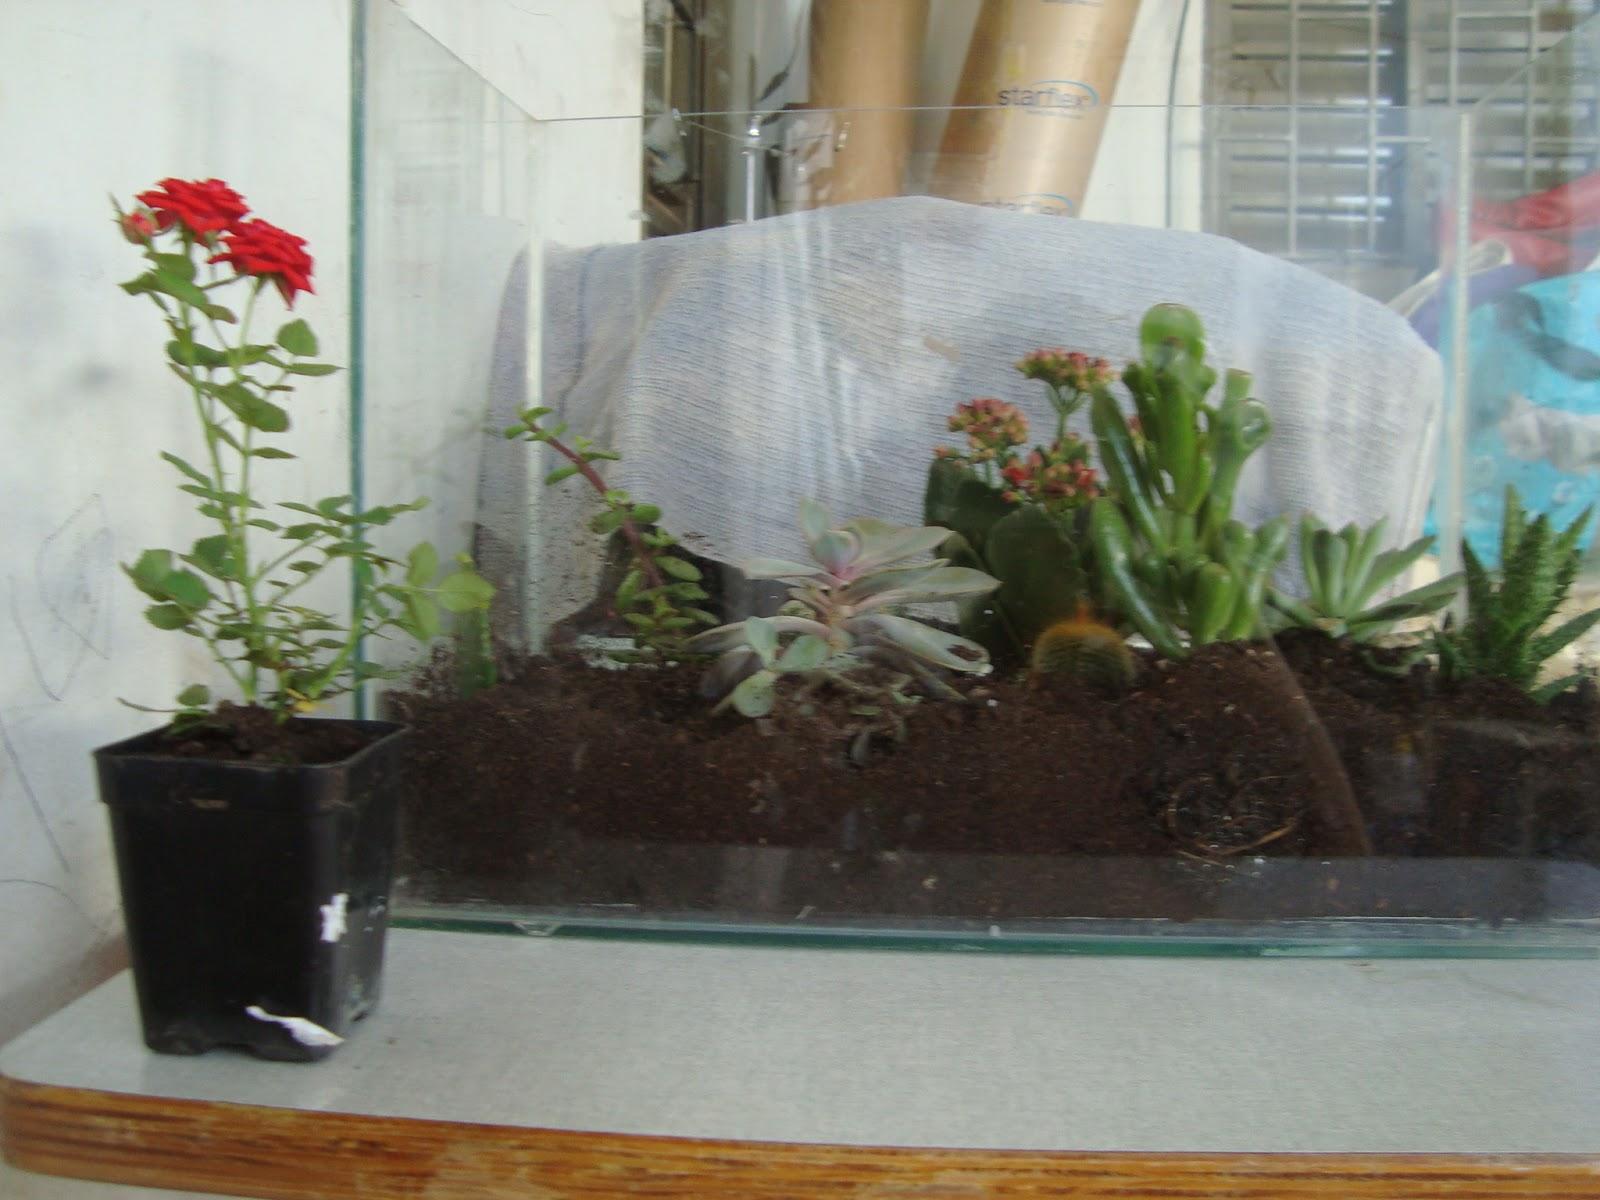 é muito gostoso o processo de fazer e cuidar desse mini jardim